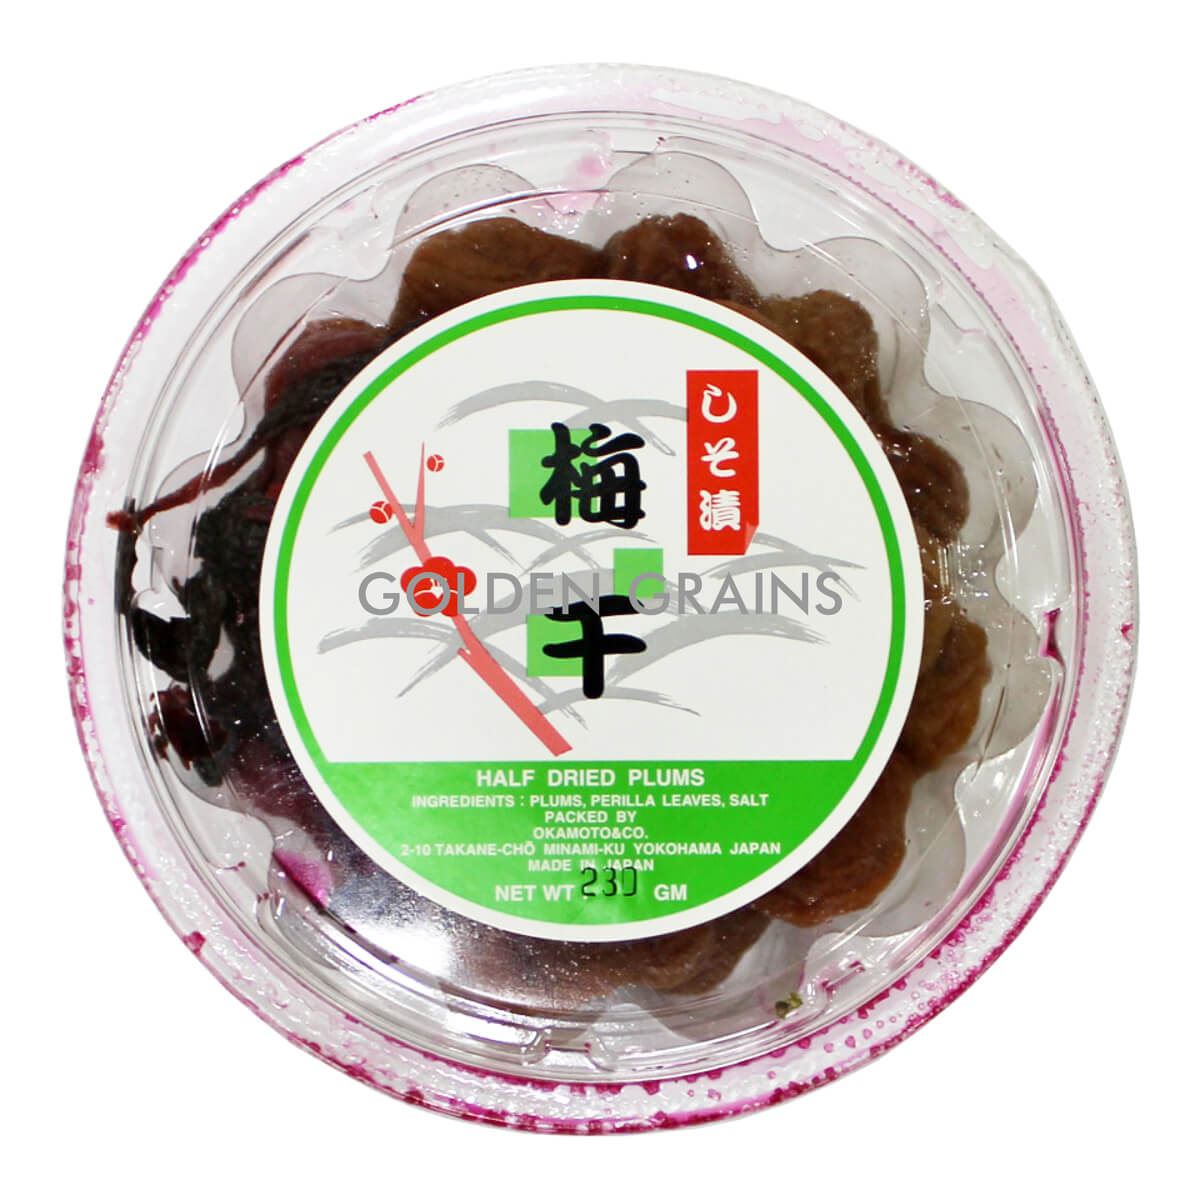 Golden Grains Okamoto - Half Dried Plums - Front.jpg